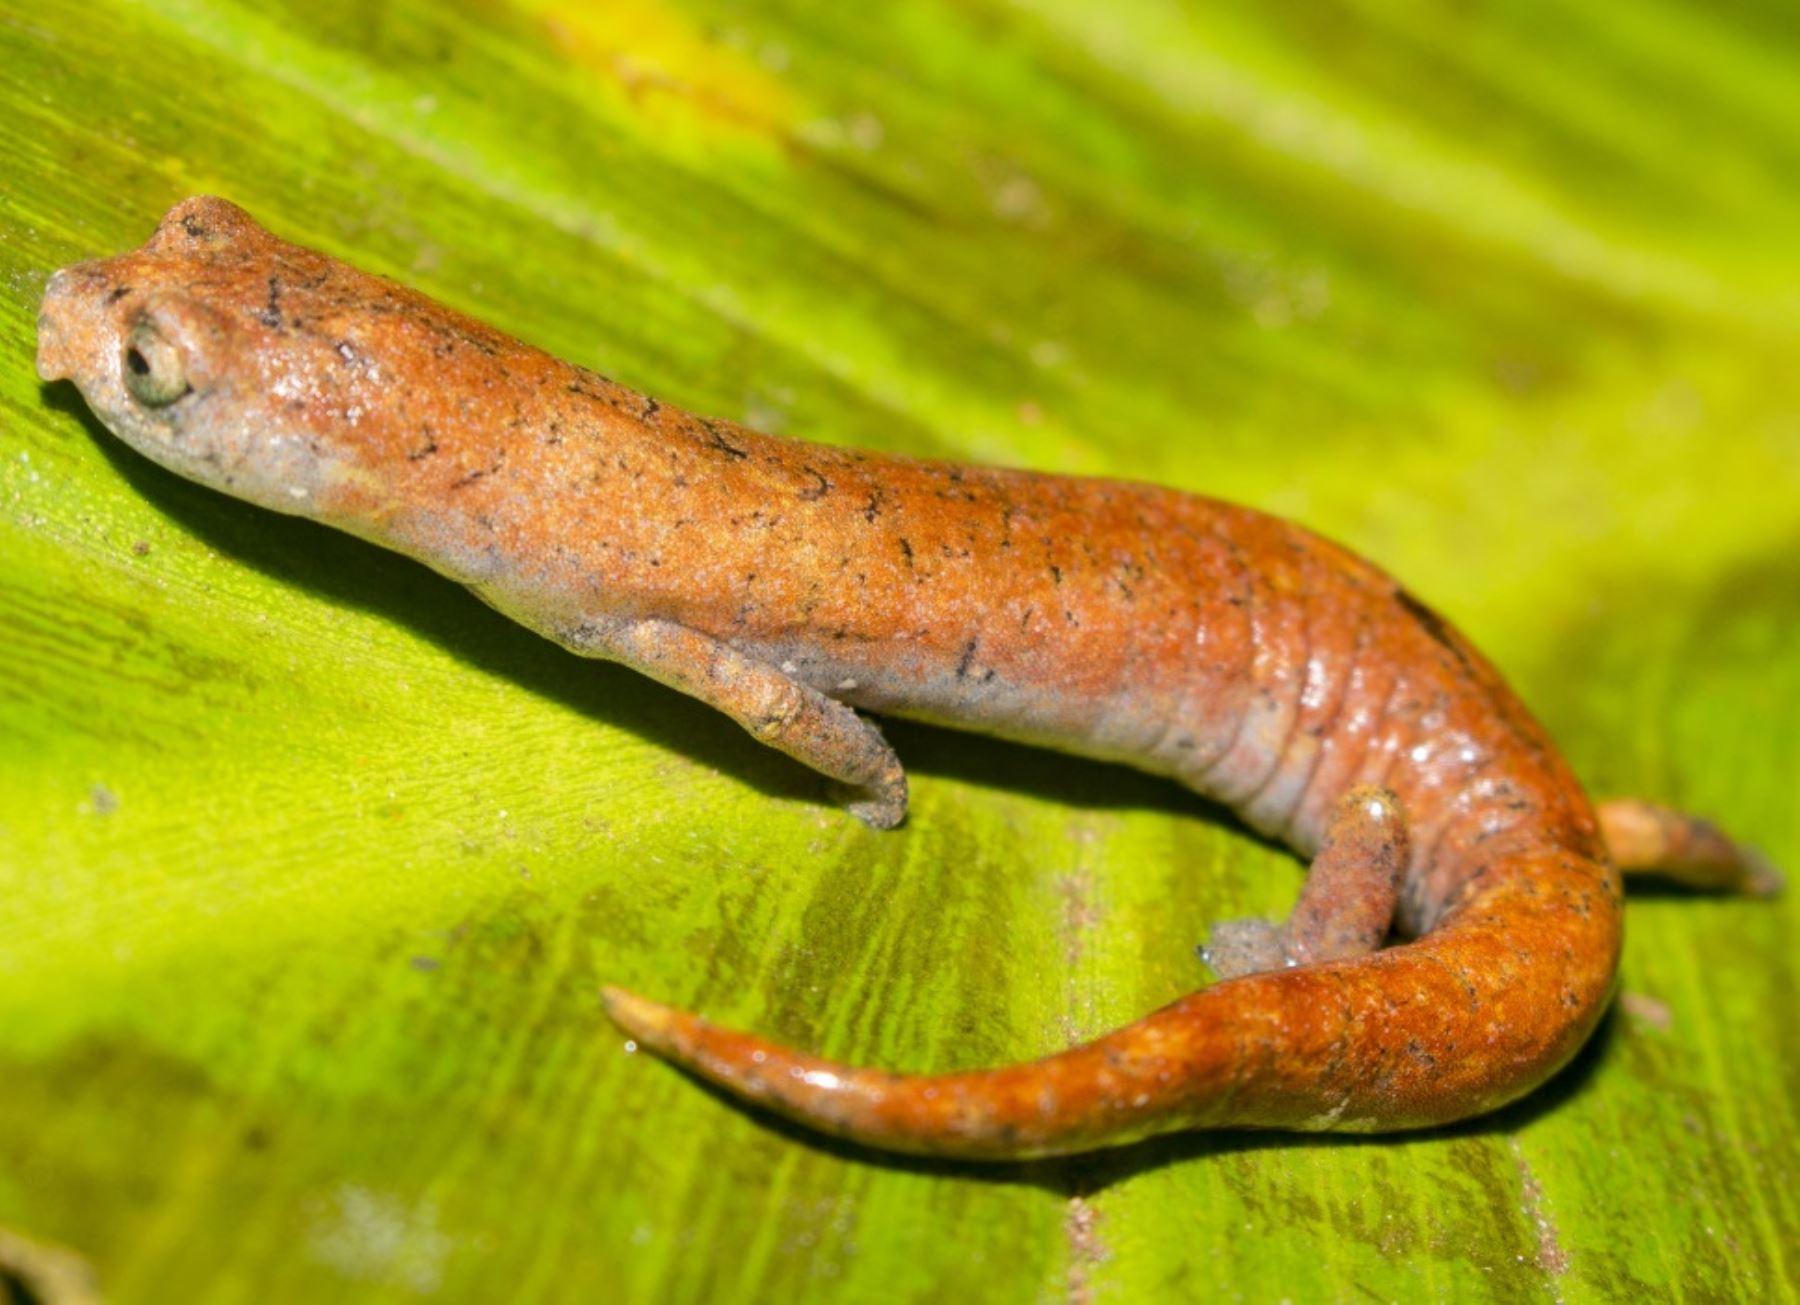 Investigadores de la Universidad Nacional Mayor de San Marcos hallan una nueva especie de salamandra endémica del Perú. ANDINA/Difusión